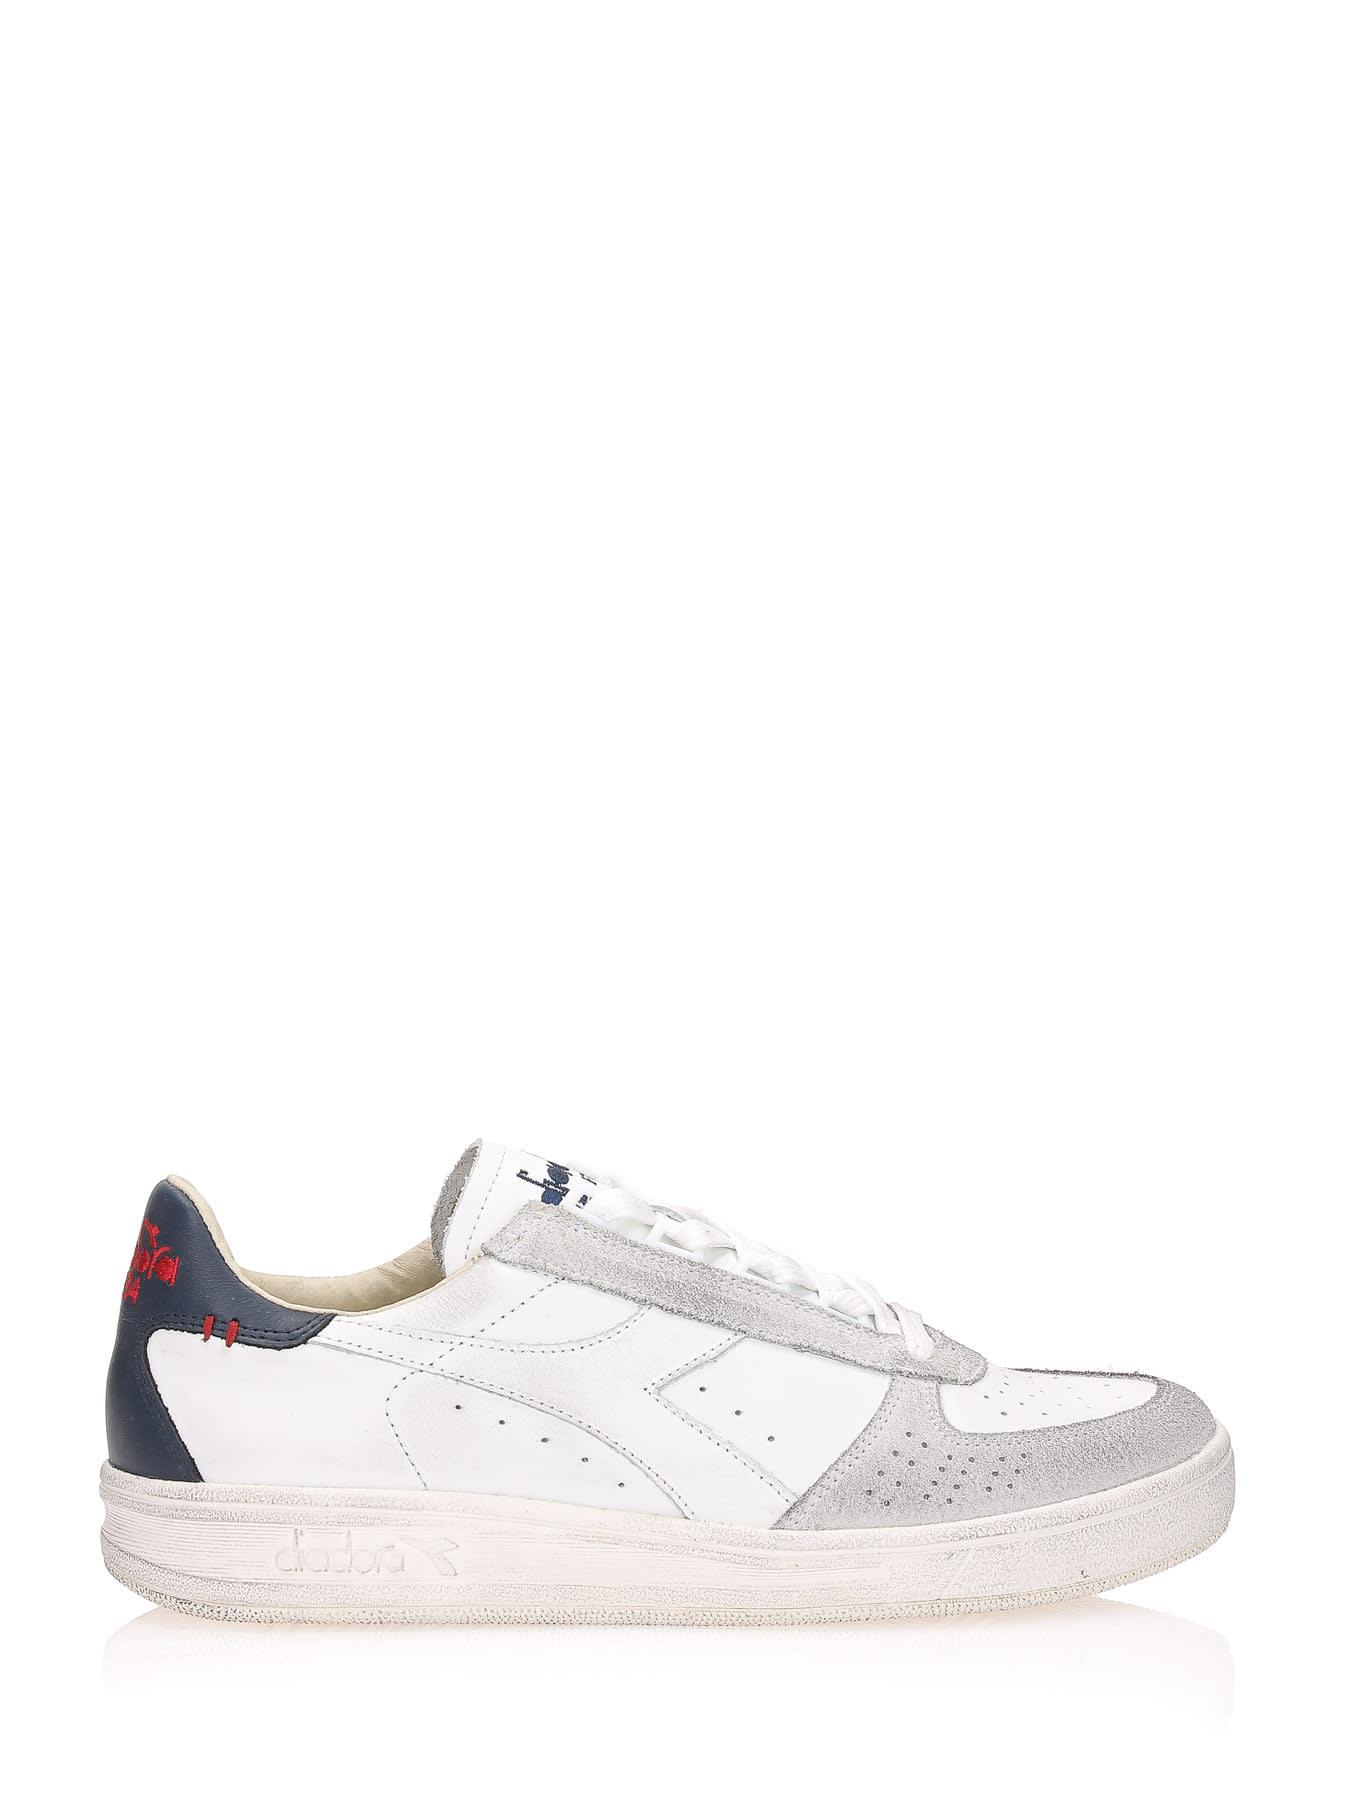 bellissimo aspetto alta moda codice promozionale scarpe da